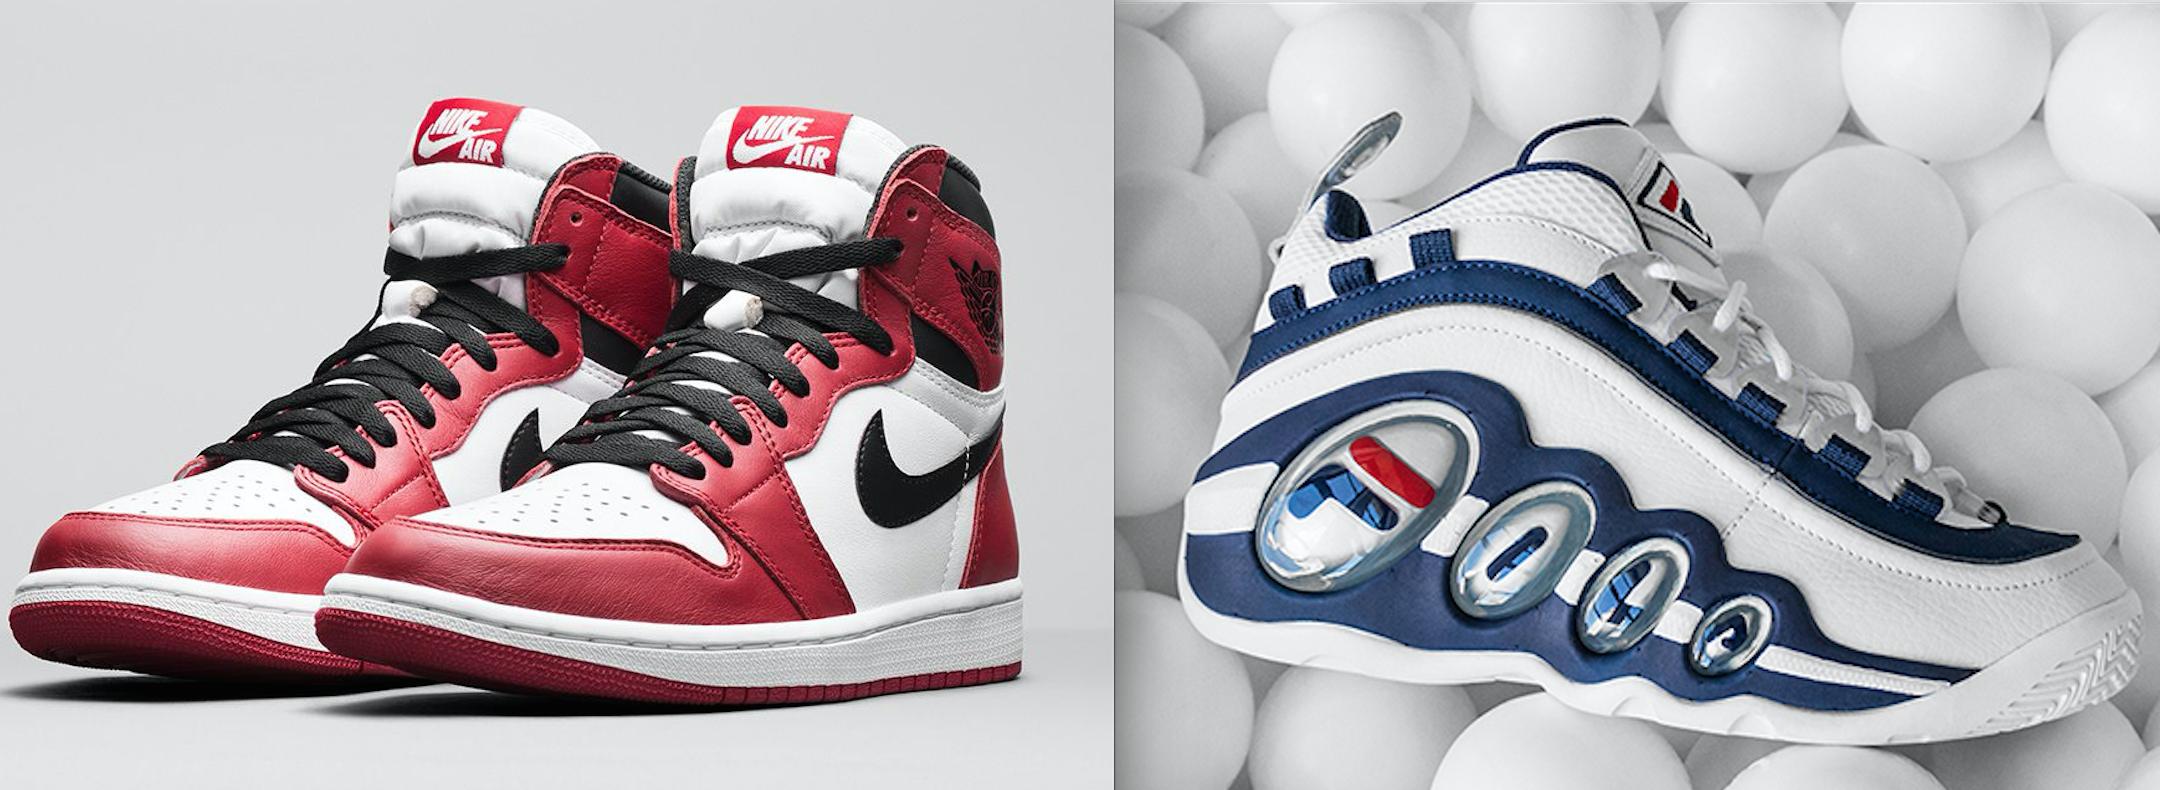 defy new york s 50 best sneaker releases of 2015 defy new york